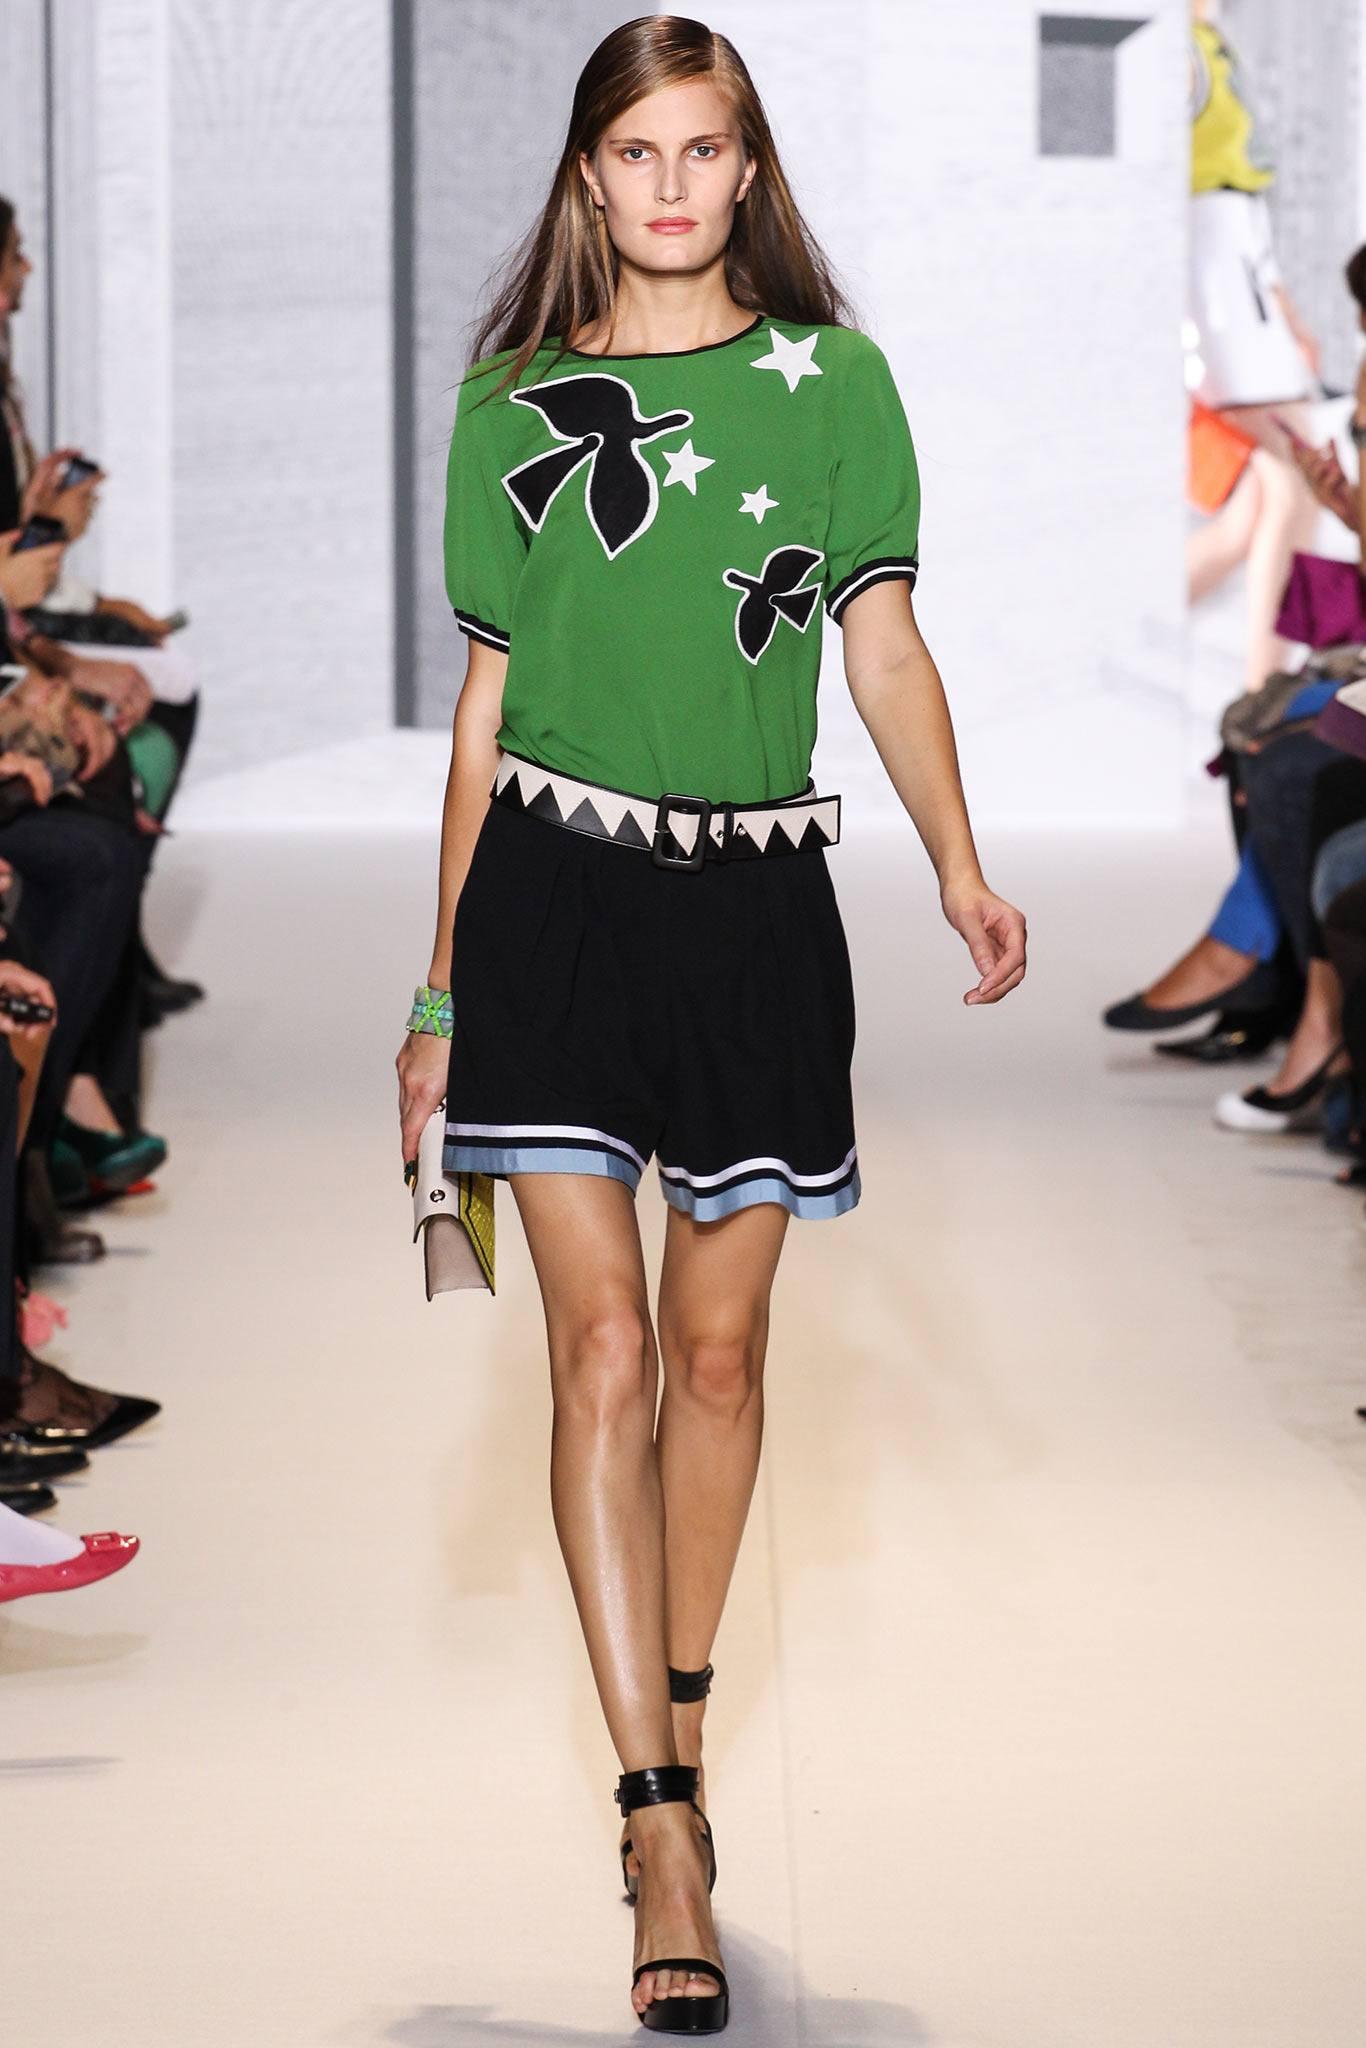 539c0f97bf982 Практичное и стильное изделие можно подобрать для каждой девушки, главное  учитывать все модные тенденции. Давайте же узнаем, какие футболки считаются  самыми ...